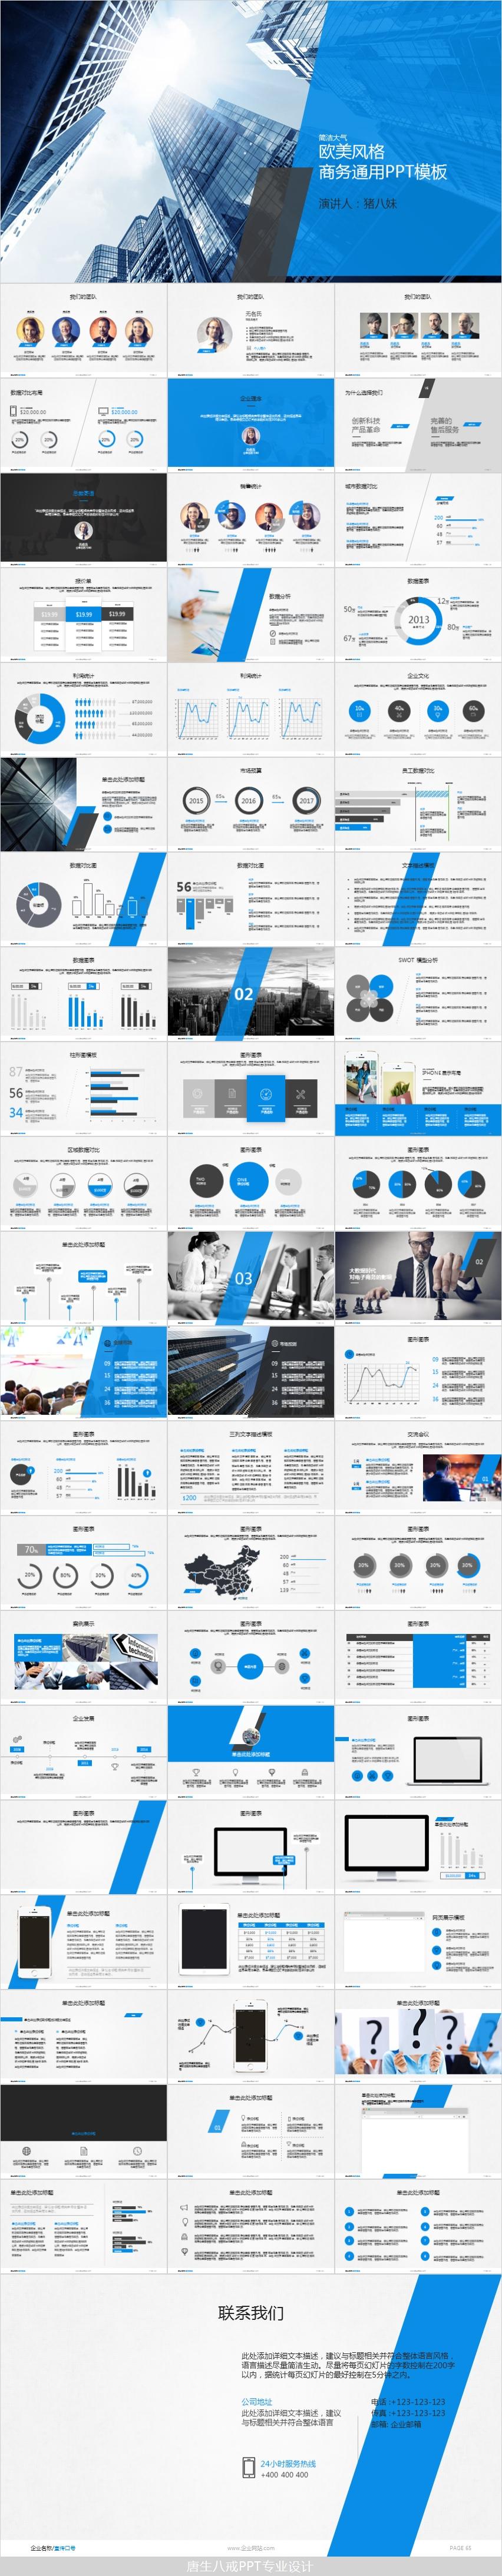 欧美风企业宣传画册企业简介企业介绍公司介绍产品宣传商务展示ppt